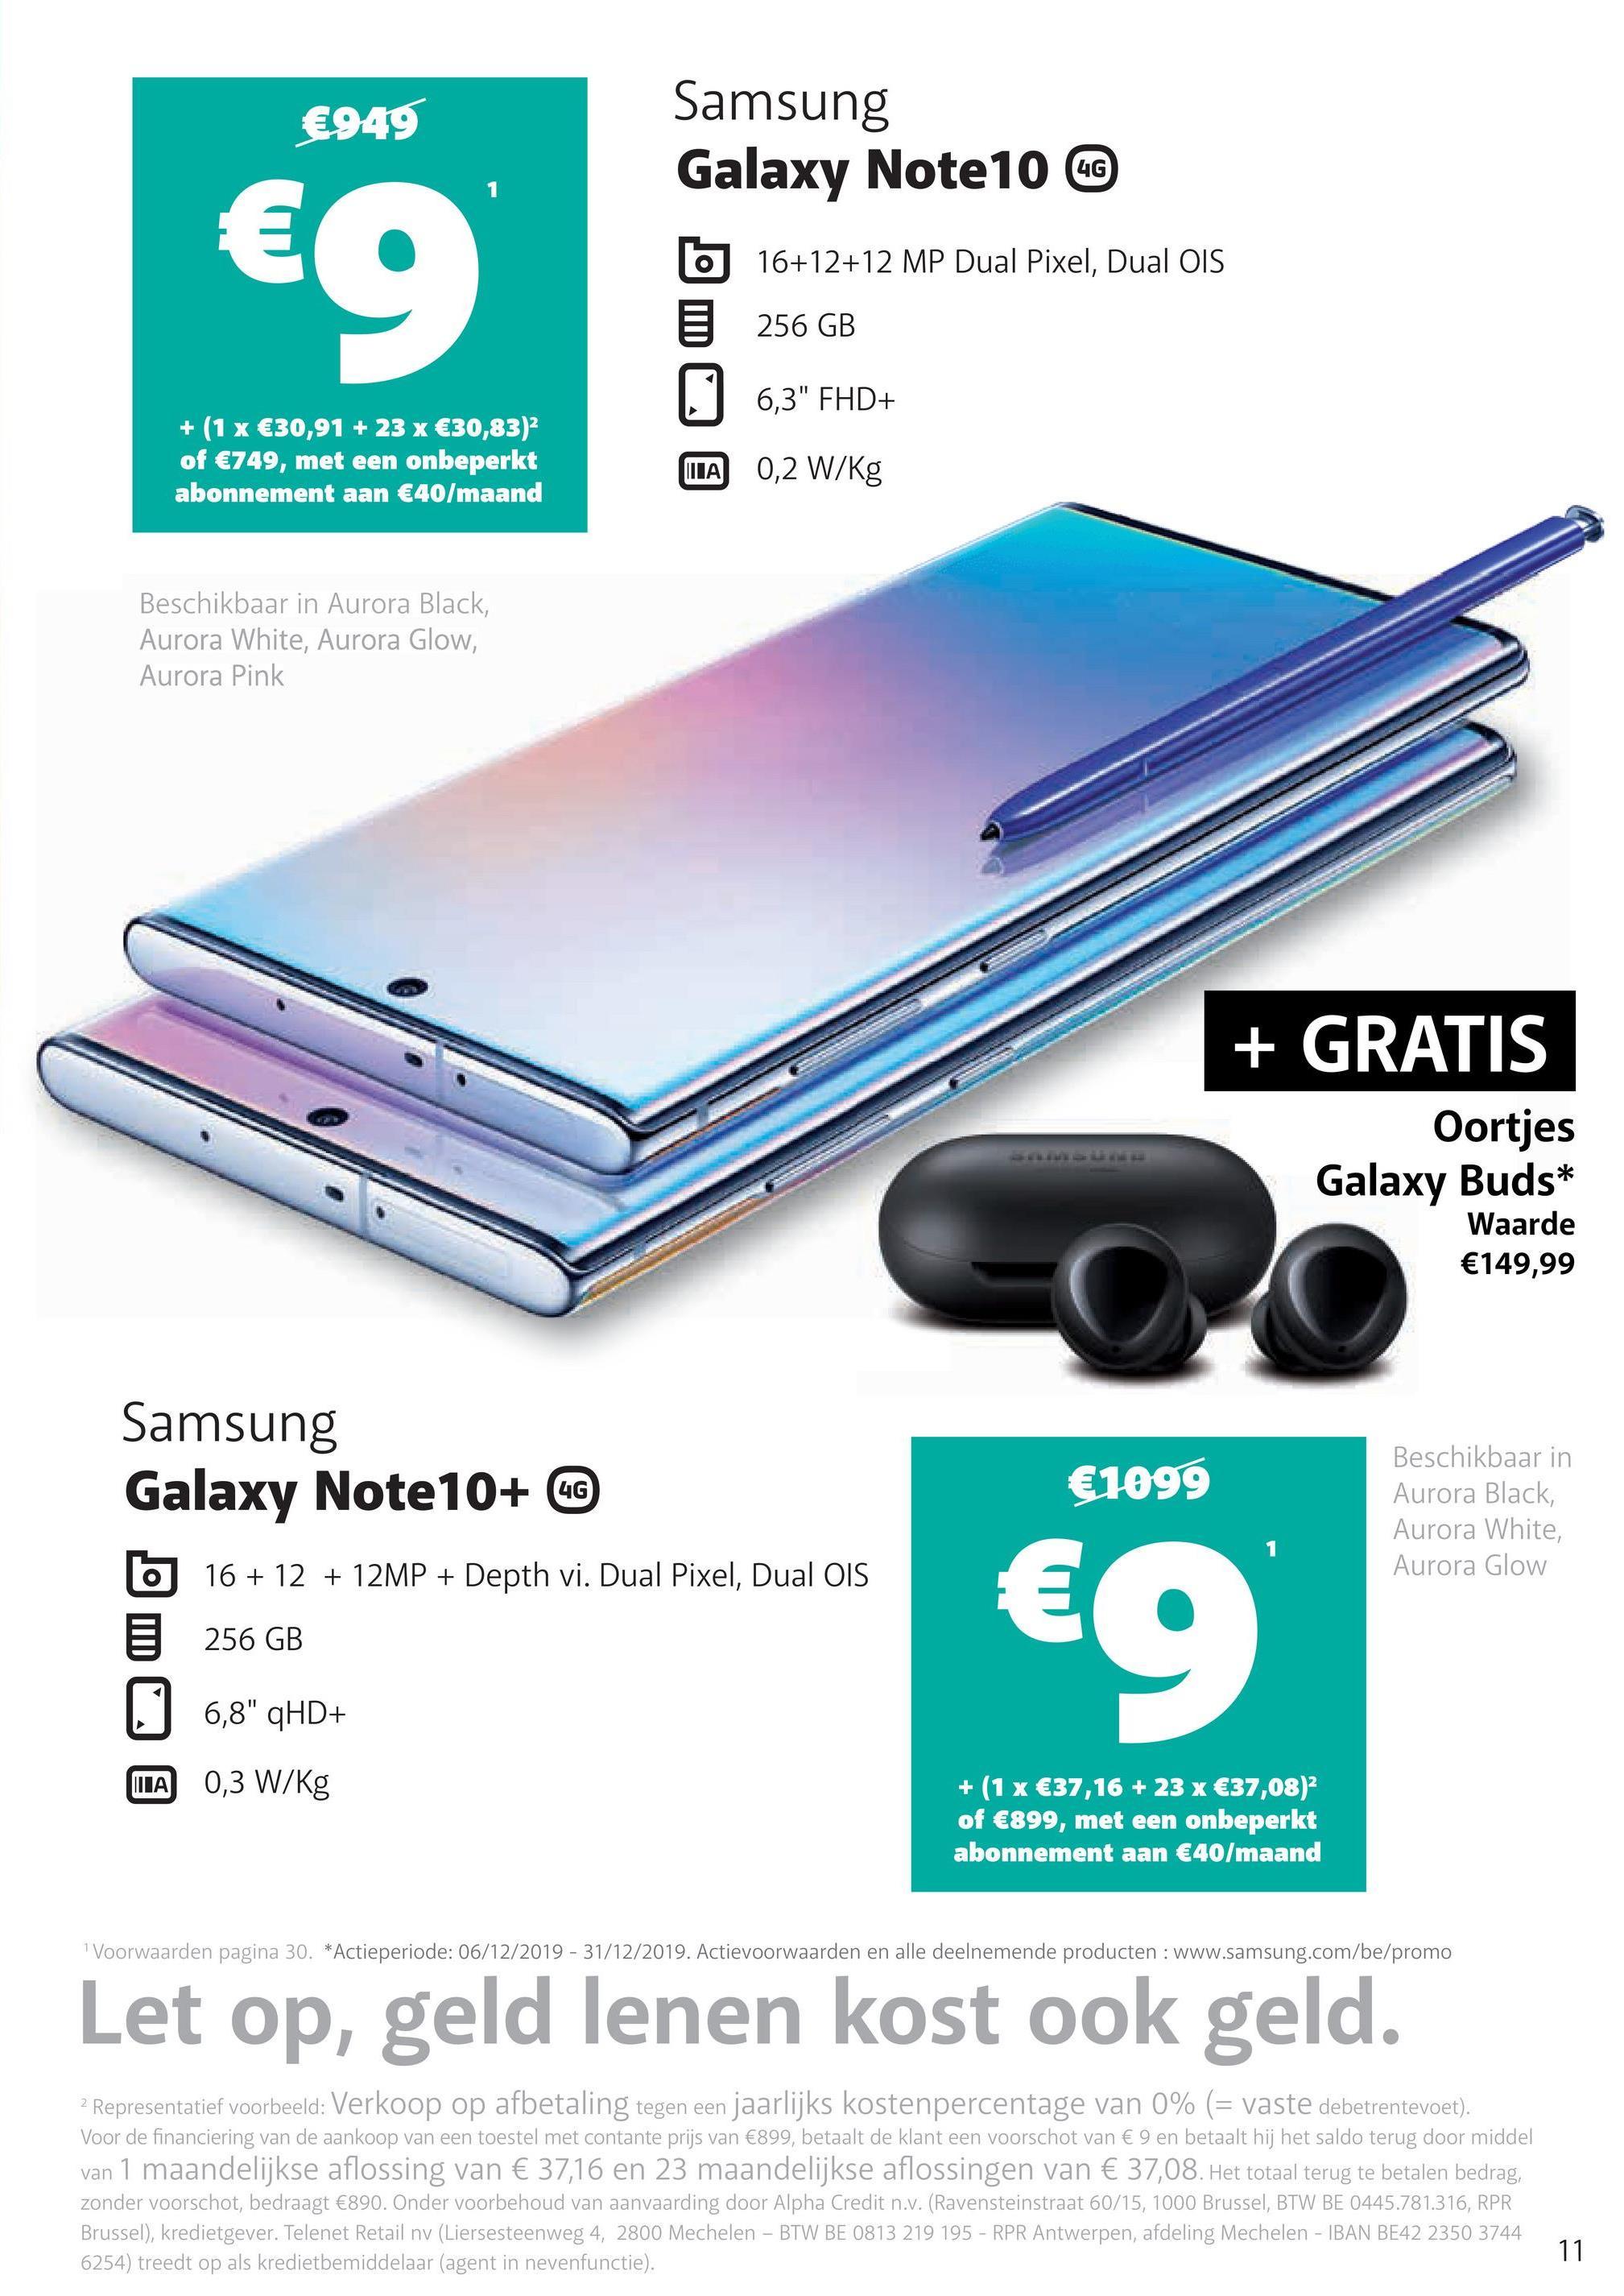 """€949 4G Samsung Galaxy Note 10 @ 16+12+12 MP Dual Pixel, Dual OIS 5 256 GB 6,3"""" FHD+ + (1 x €30,91 + 23 x €30,83)2 of €749, met een onbeperkt abonnement aan €40/maand LA 0,2 W/kg Beschikbaar in Aurora Black, Aurora White, Aurora Glow, Aurora Pink + GRATIS Oortjes Galaxy Buds* Waarde €149,99 4G €1099 Beschikbaar in Aurora Black, Aurora White, Aurora Glow Samsung Galaxy Note 10+ 0 b 16+ 12 + 12MP + Depth vi. Dual Pixel, Dual OIS E 256 GB U 6,8"""" qHD+ LA 0,3 W/kg €9 + (1x €37,16 + 23 x €37,08) of €899, met een onbeperkt abonnement aan €40/maand Voorwaarden pagina 30. *Actieperiode: 06/12/2019 - 31/12/2019. Actievoorwaarden en alle deelnemende producten : www.samsung.com/be/promo Let op, geld lenen kost ook geld. 2 Representatief voorbeeld: Verkoop op afbetaling tegen een jaarlijks kostenpercentage van 0% (= vaste debetrentevoet). Voor de financiering van de aankoop van een toestel met contante prijs van €899, betaalt de klant een voorschot van € 9 en betaalt hij het saldo terug door middel van 1 maandelijkse aflossing van € 37,16 en 23 maandelijkse aflossingen van € 37,08. Het totaal terug te betalen bedrag, zonder voorschot, bedraagt €890. Onder voorbehoud van aanvaarding door Alpha Credit n.v. (Ravensteinstraat 60/15, 1000 Brussel, BTW BE 0445.781.316, RPR Brussel), kredietgever. Telenet Retail nv (Liersesteenweg 4, 2800 Mechelen - BTW BE 0813 219 195 - RPR Antwerpen, afdeling Mechelen - IBAN BE42 2350 3744 6254) treedt op als kredietbemiddelaar (agent in nevenfunctie)."""